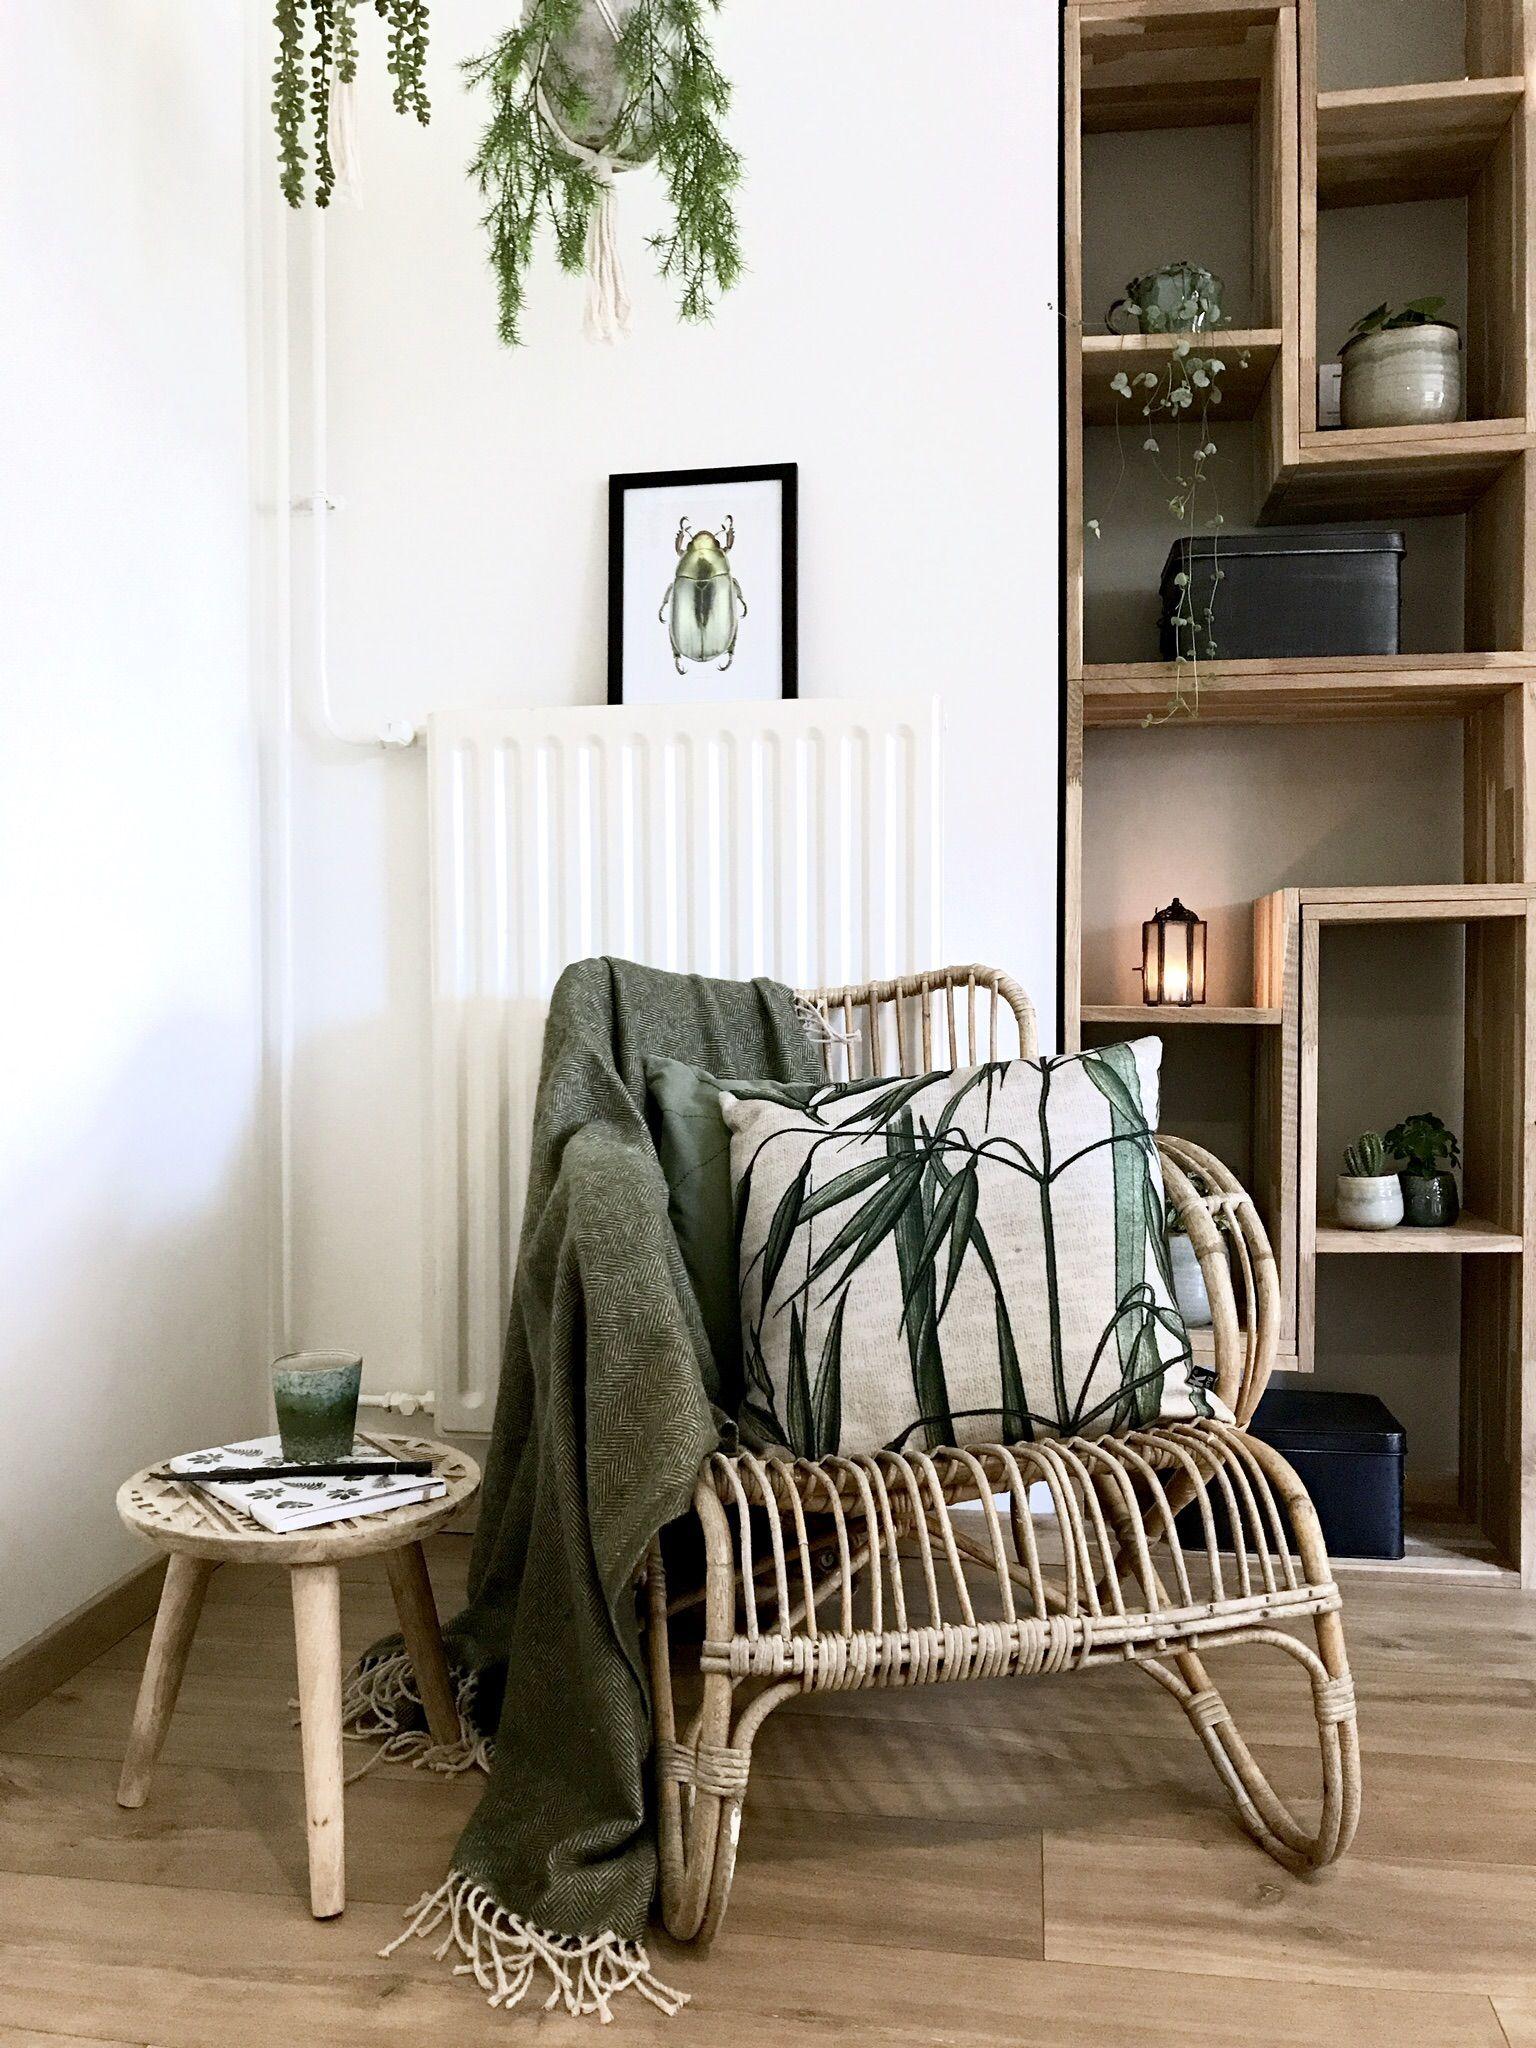 Woonkamer Binnenkijken Bij Fenjainterieur Met Afbeeldingen Ideeen Voor Een Kamer Interieur Ideeen Voor Thuisdecoratie